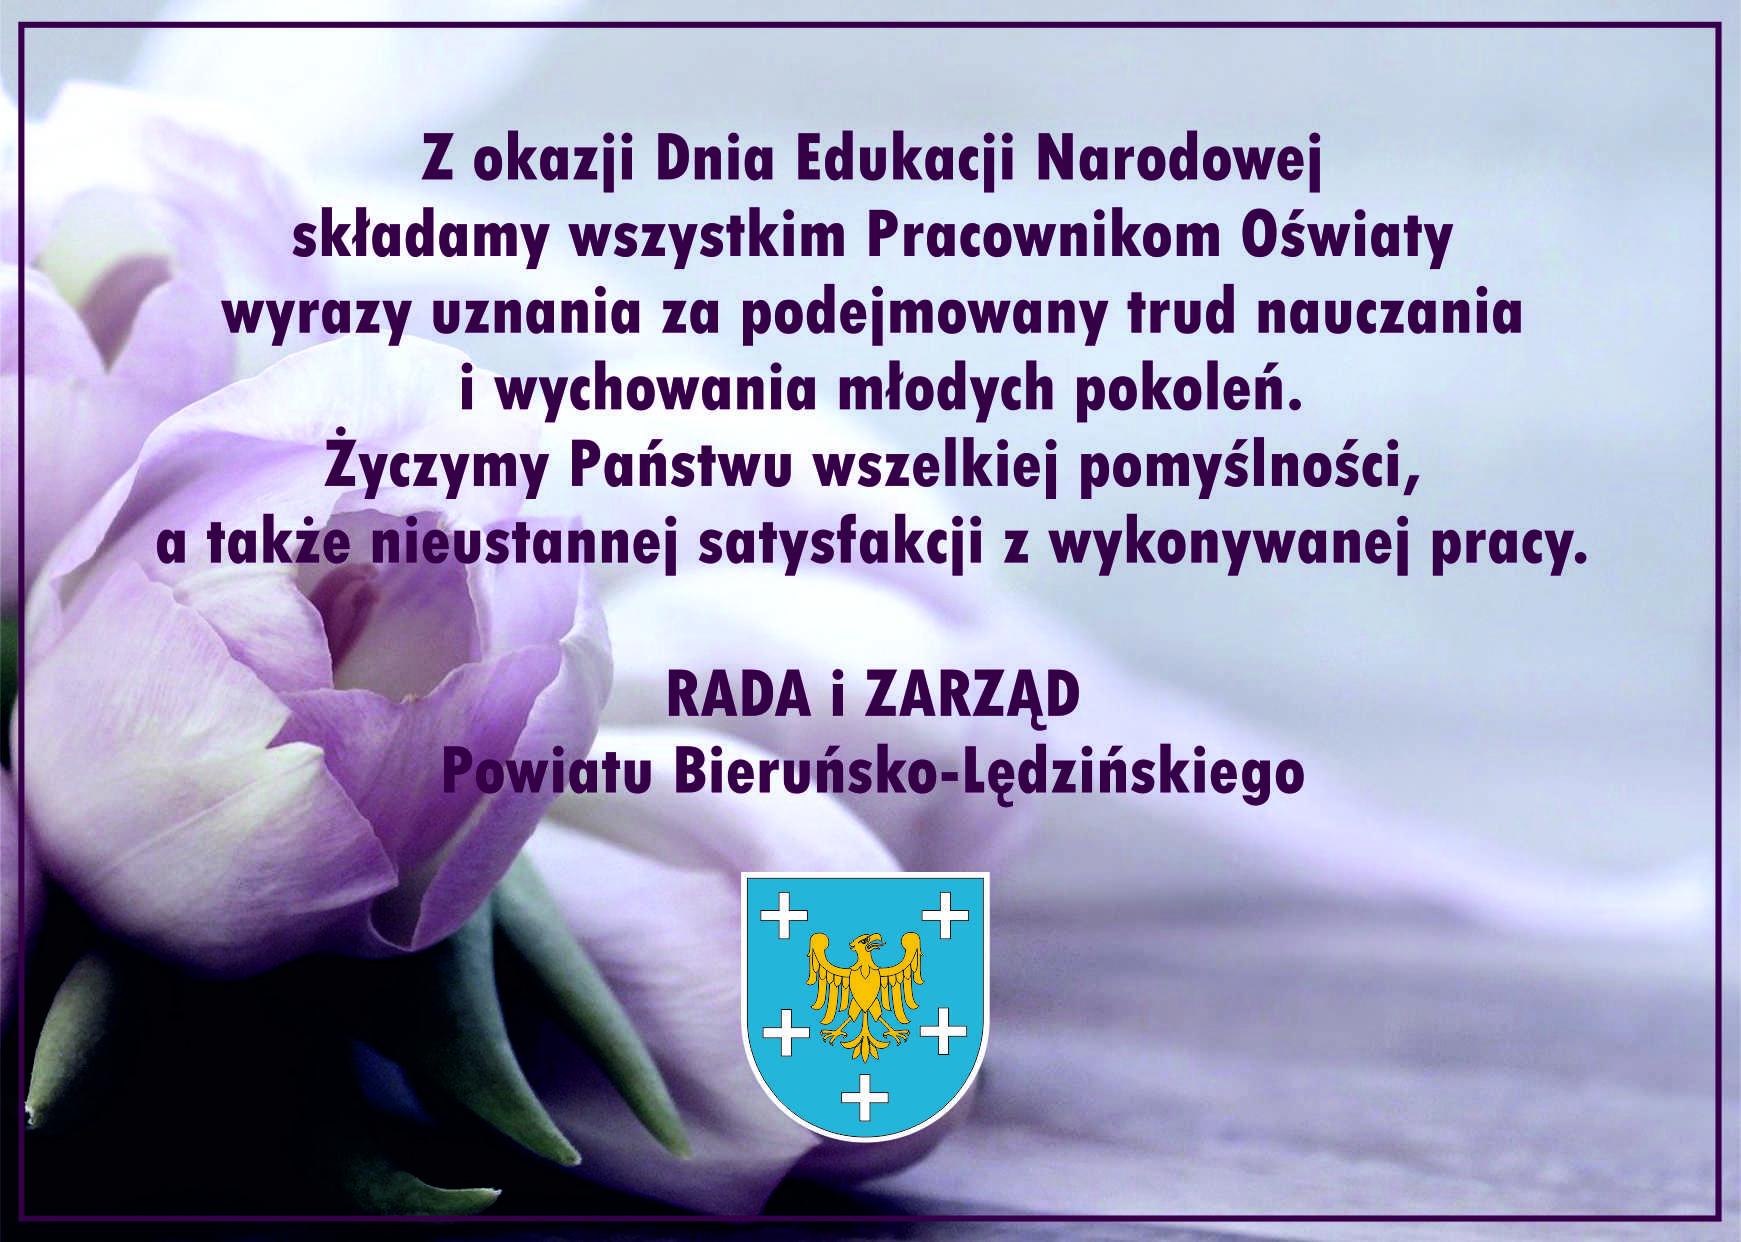 Życzenia dla nauczycieli z okazji Dnia Edukacji Narodowej